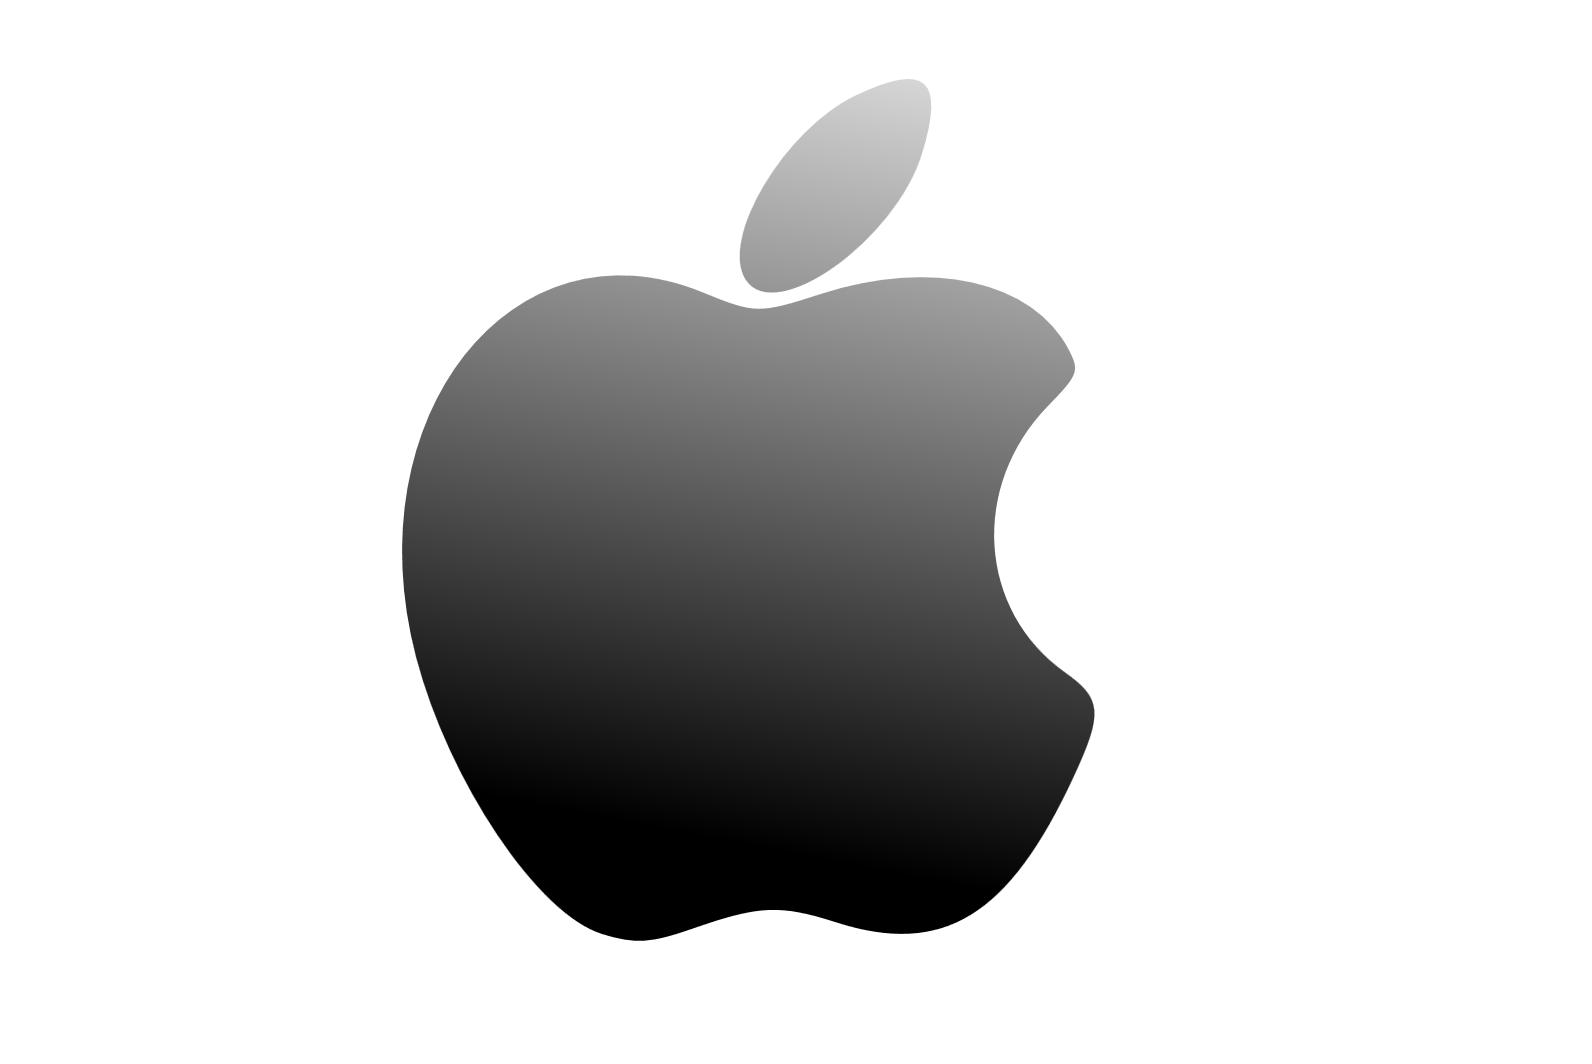 """Difetti al microfono dopo aggiornamento, Codacons contro Apple: """"Non rispettato codice del consumo"""""""